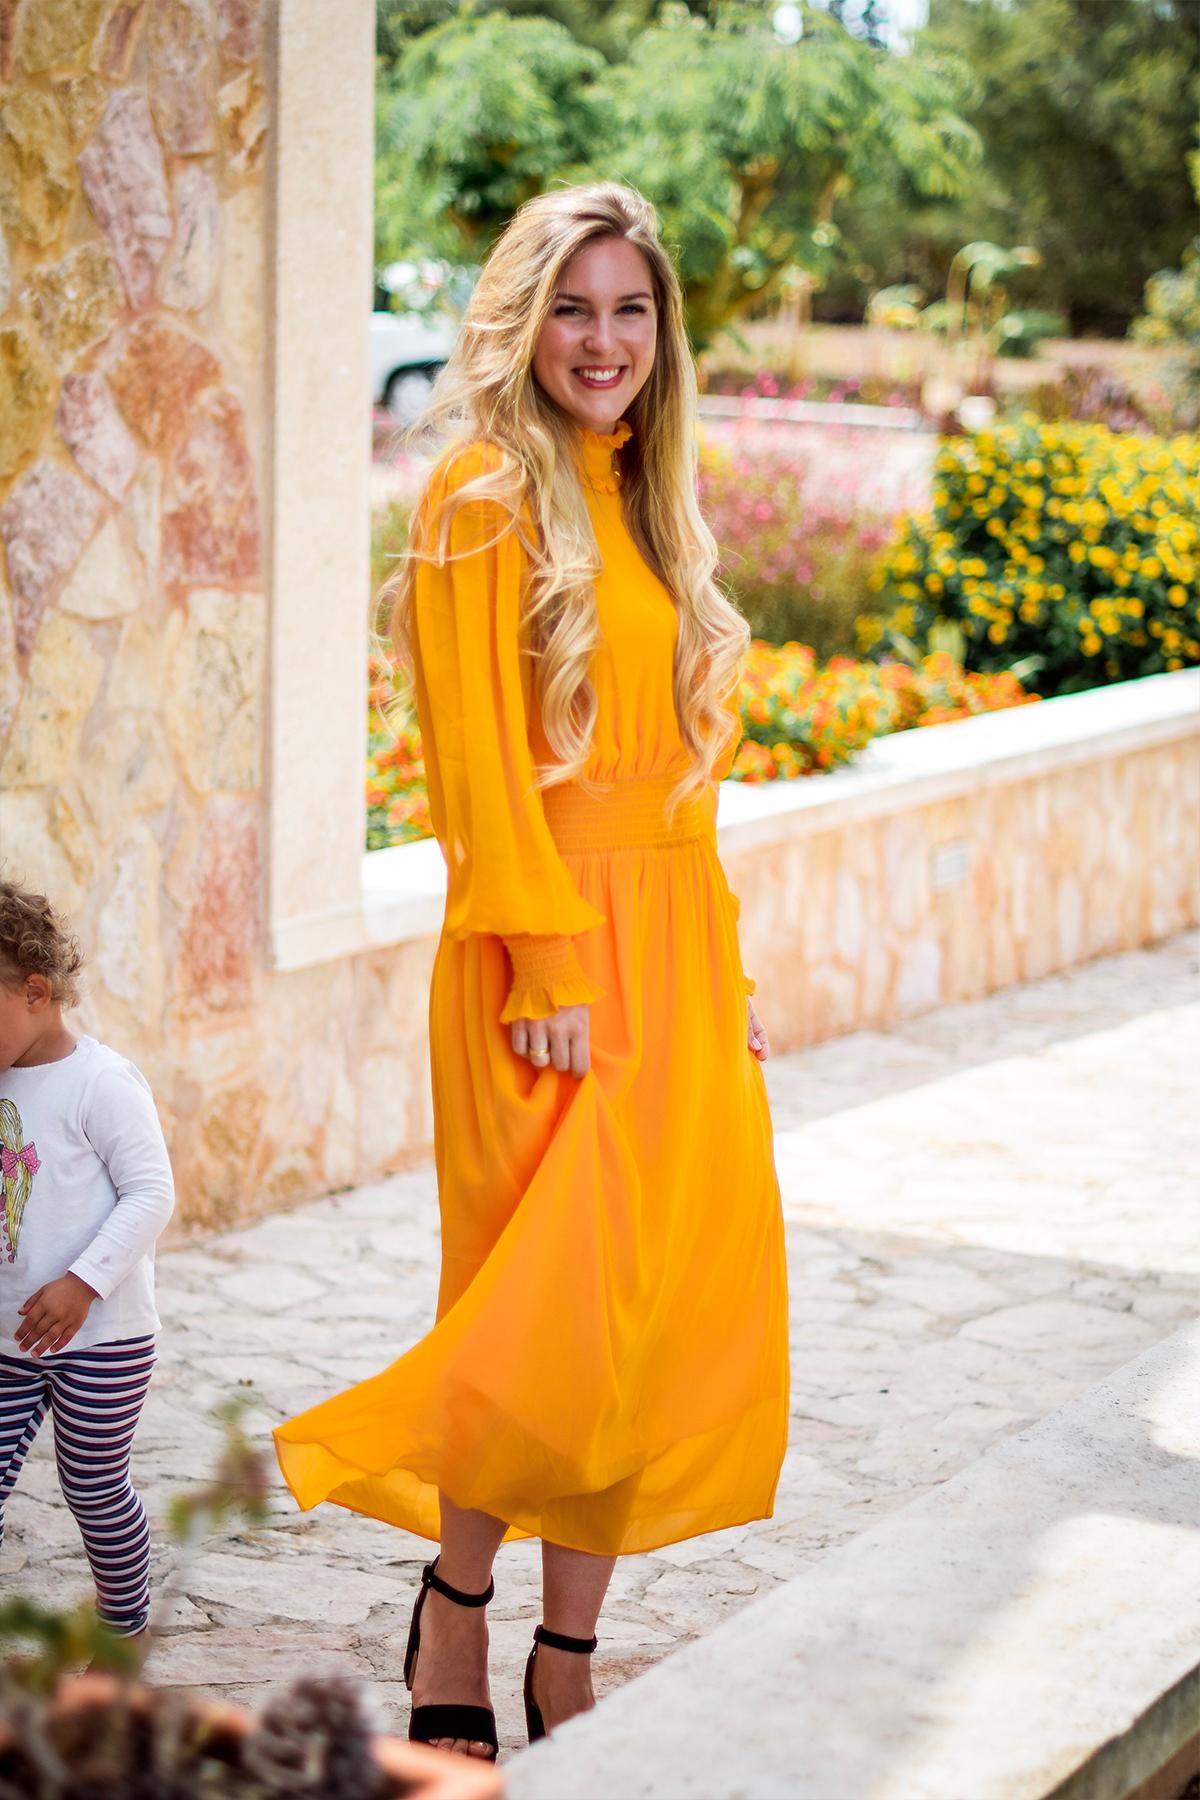 Über mich und meinen Mama Lifestyle Karriere und Fashion Blog München Jananibe Mamablog